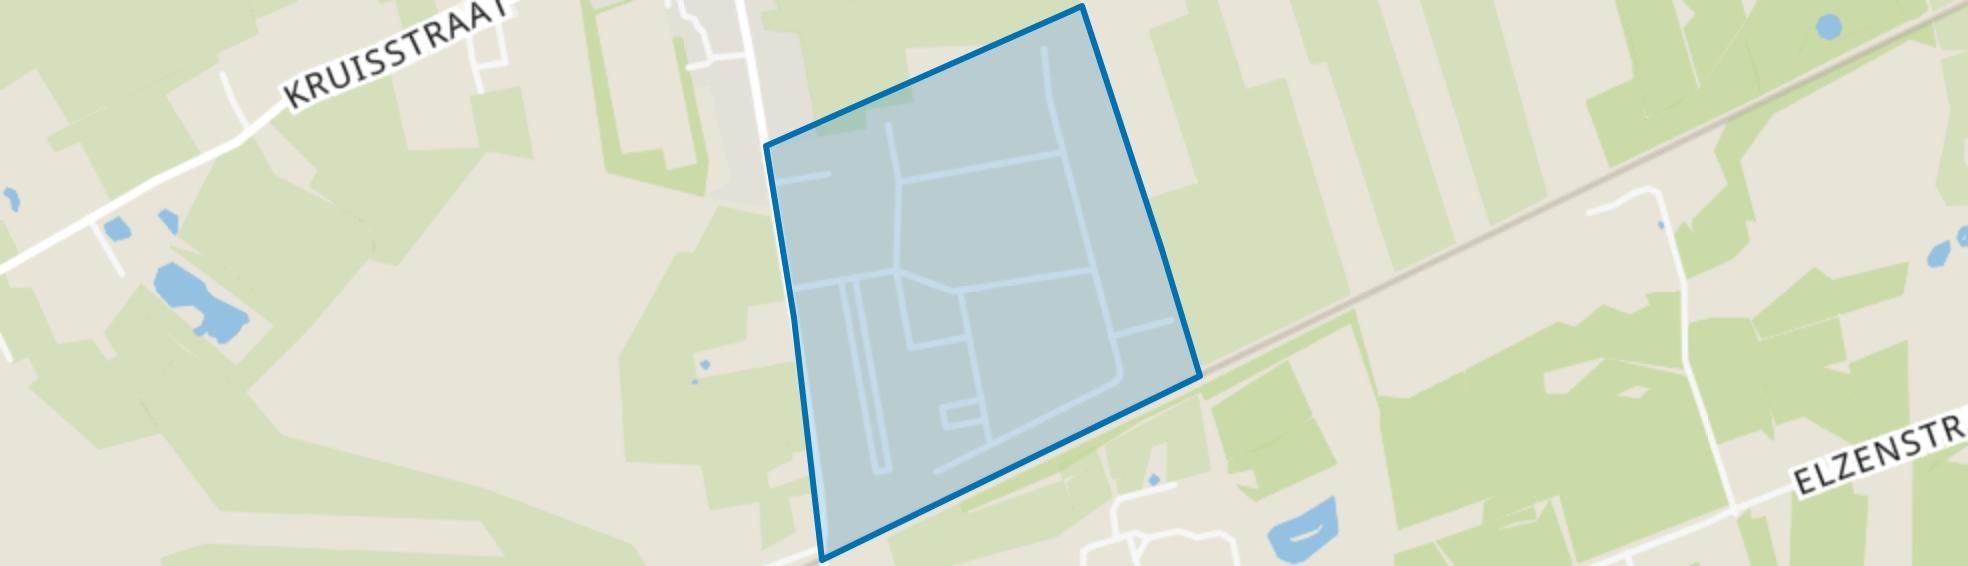 Bedrijventerrein Kruisstraat, Rosmalen map